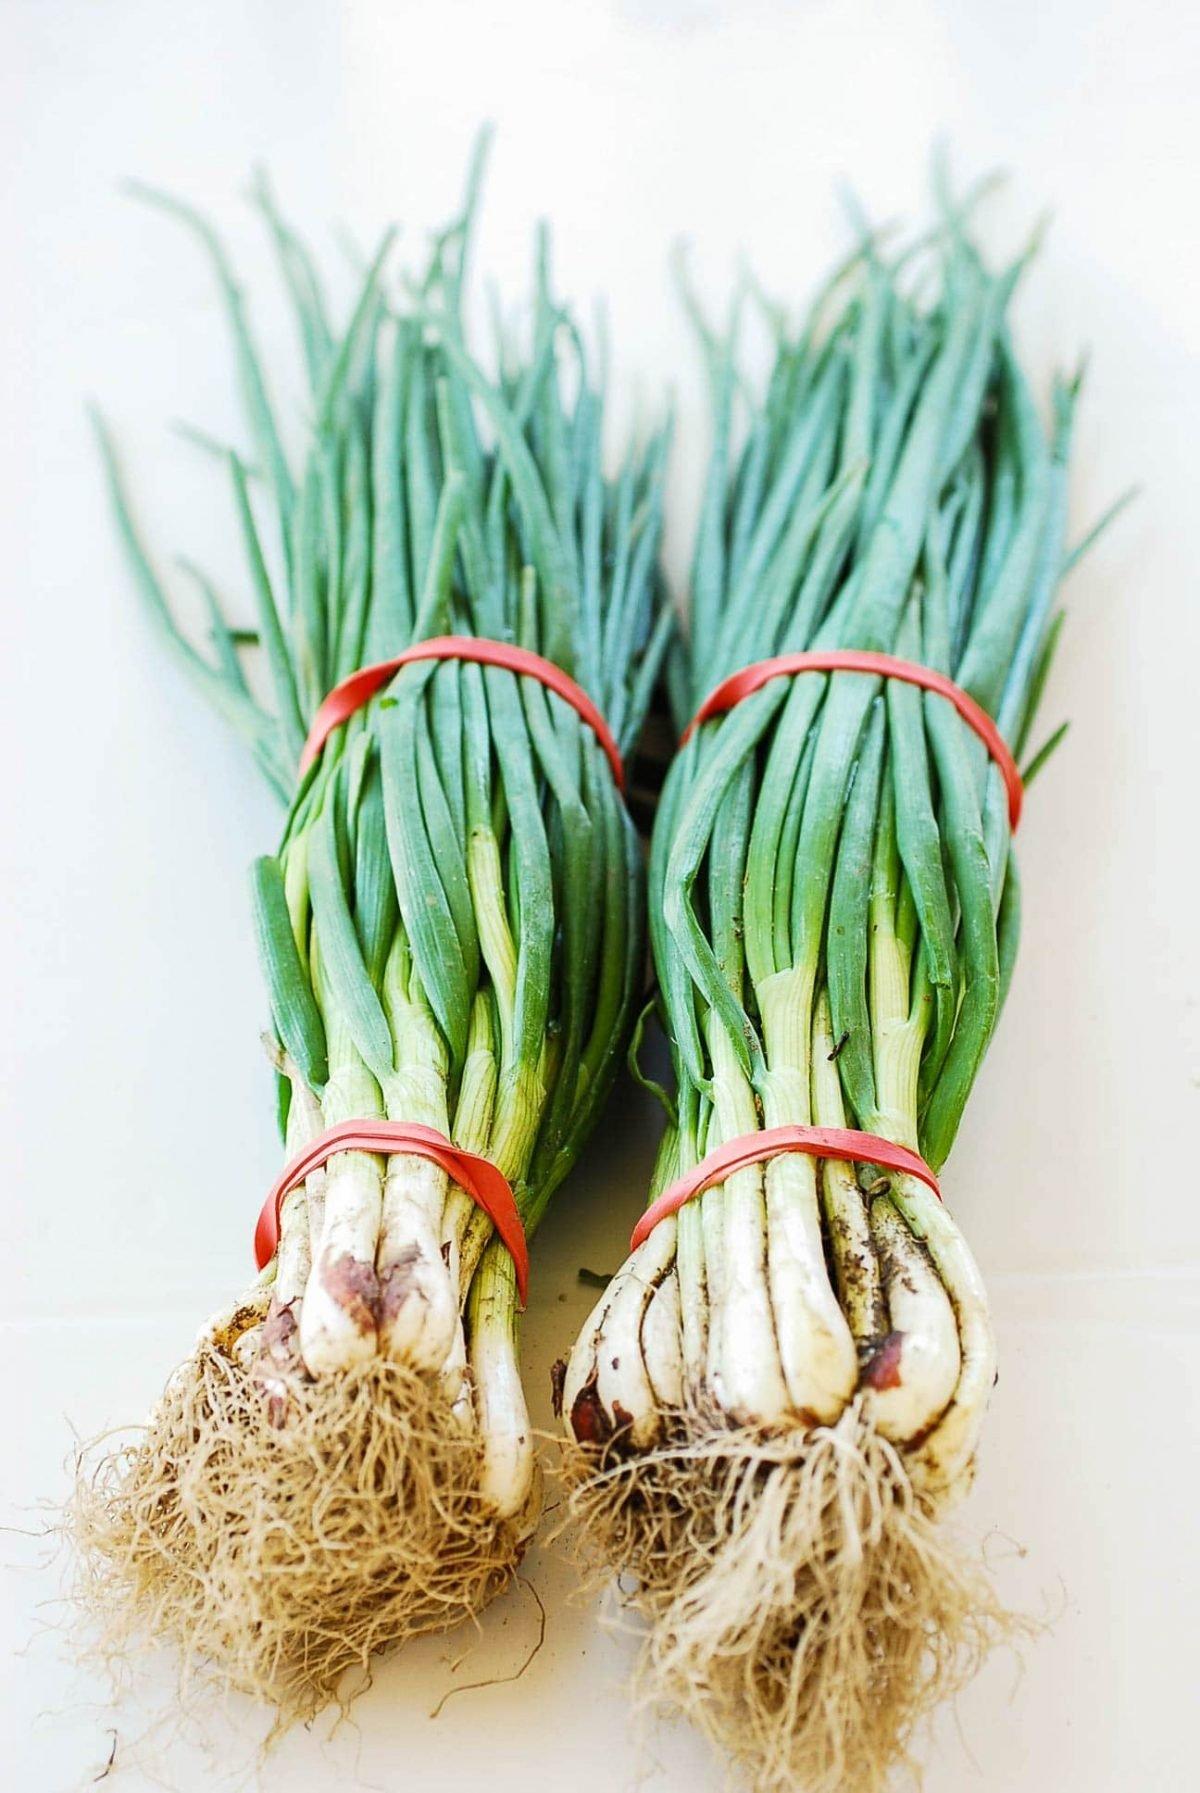 DSC 2701 e1618079950244 - Pa Kimchi (Green Onion Kimchi)